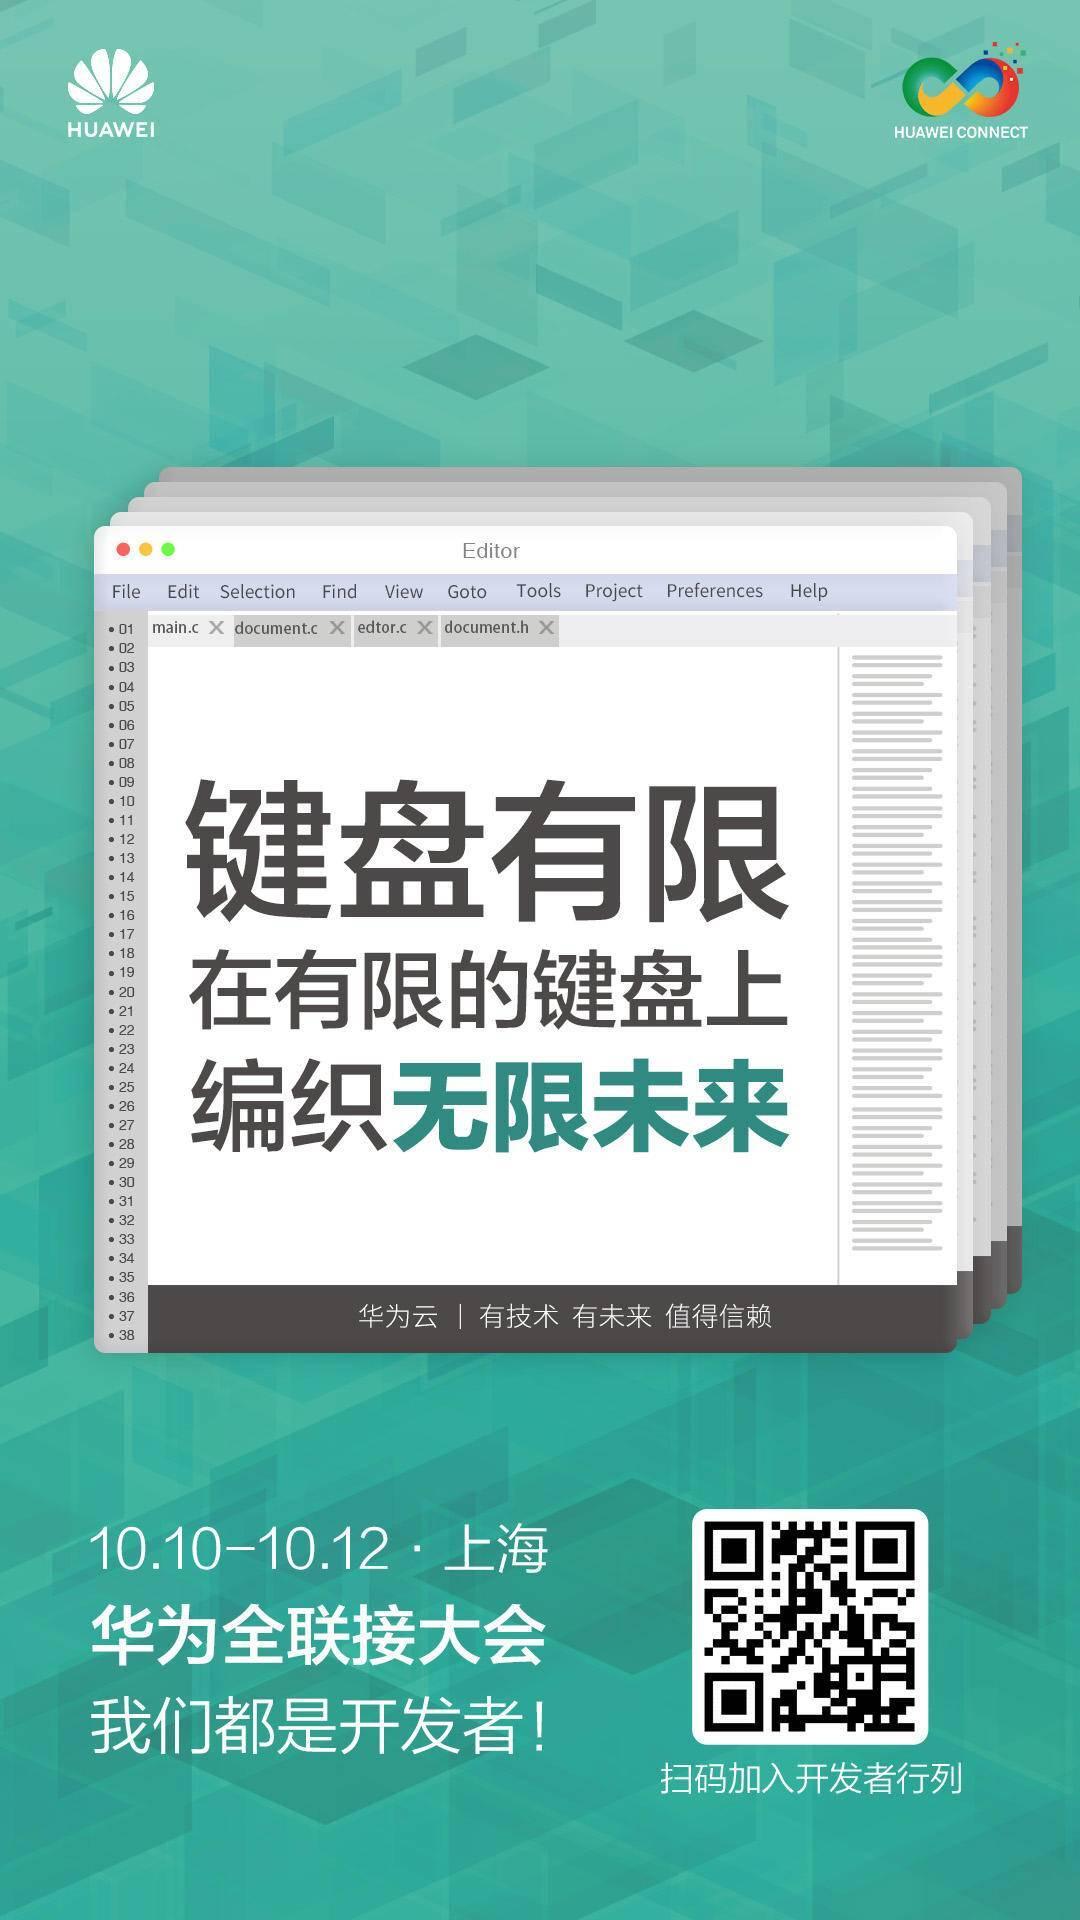 华为云走心文案微博走红,句句直戳开发者